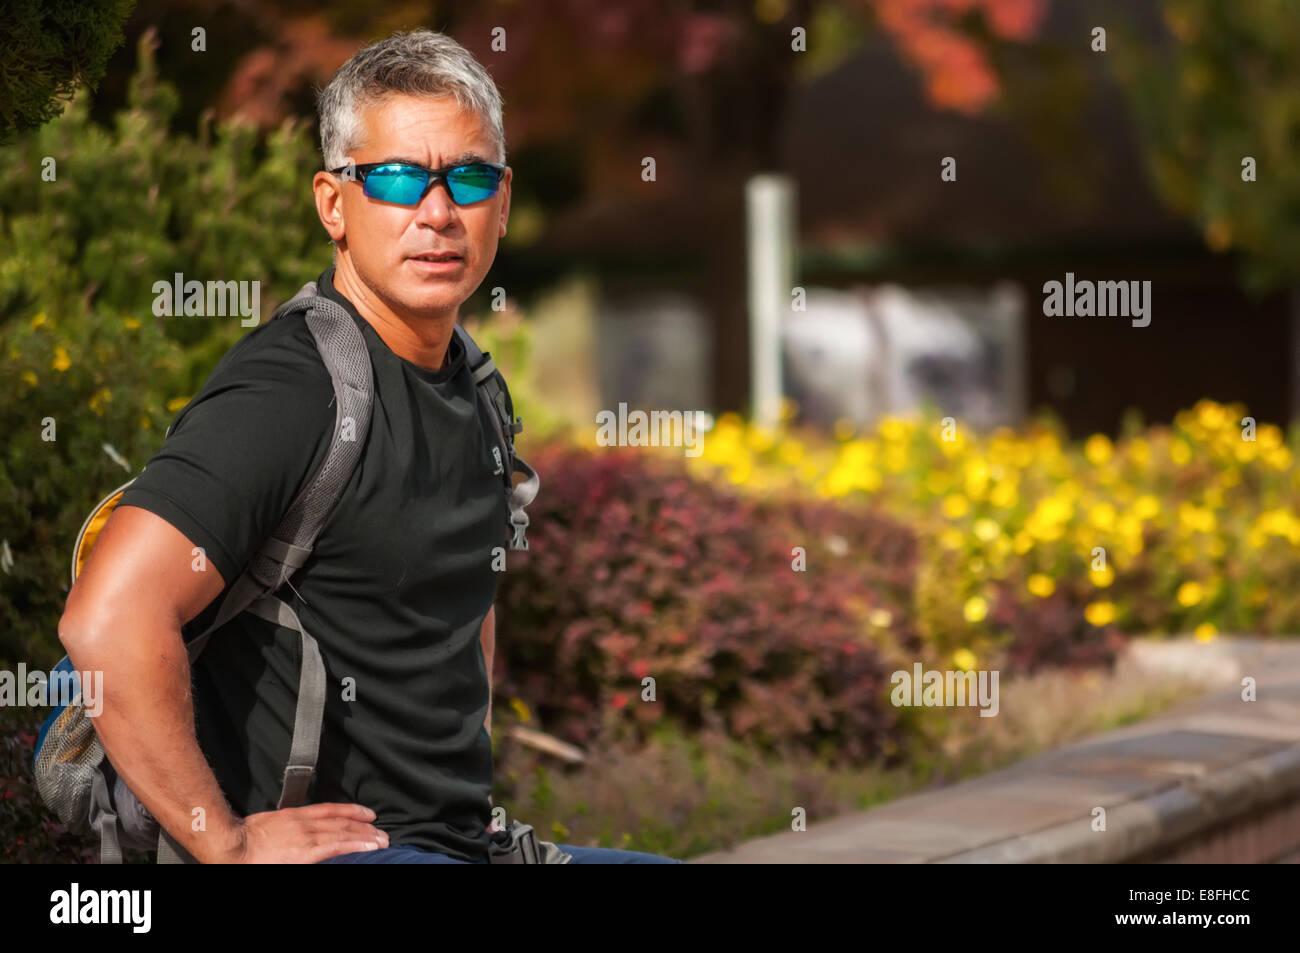 Stati Uniti d'America, Idaho, Ada County, Boise, Ritratto atletico di un uomo che indossa gli occhiali da sole Immagini Stock